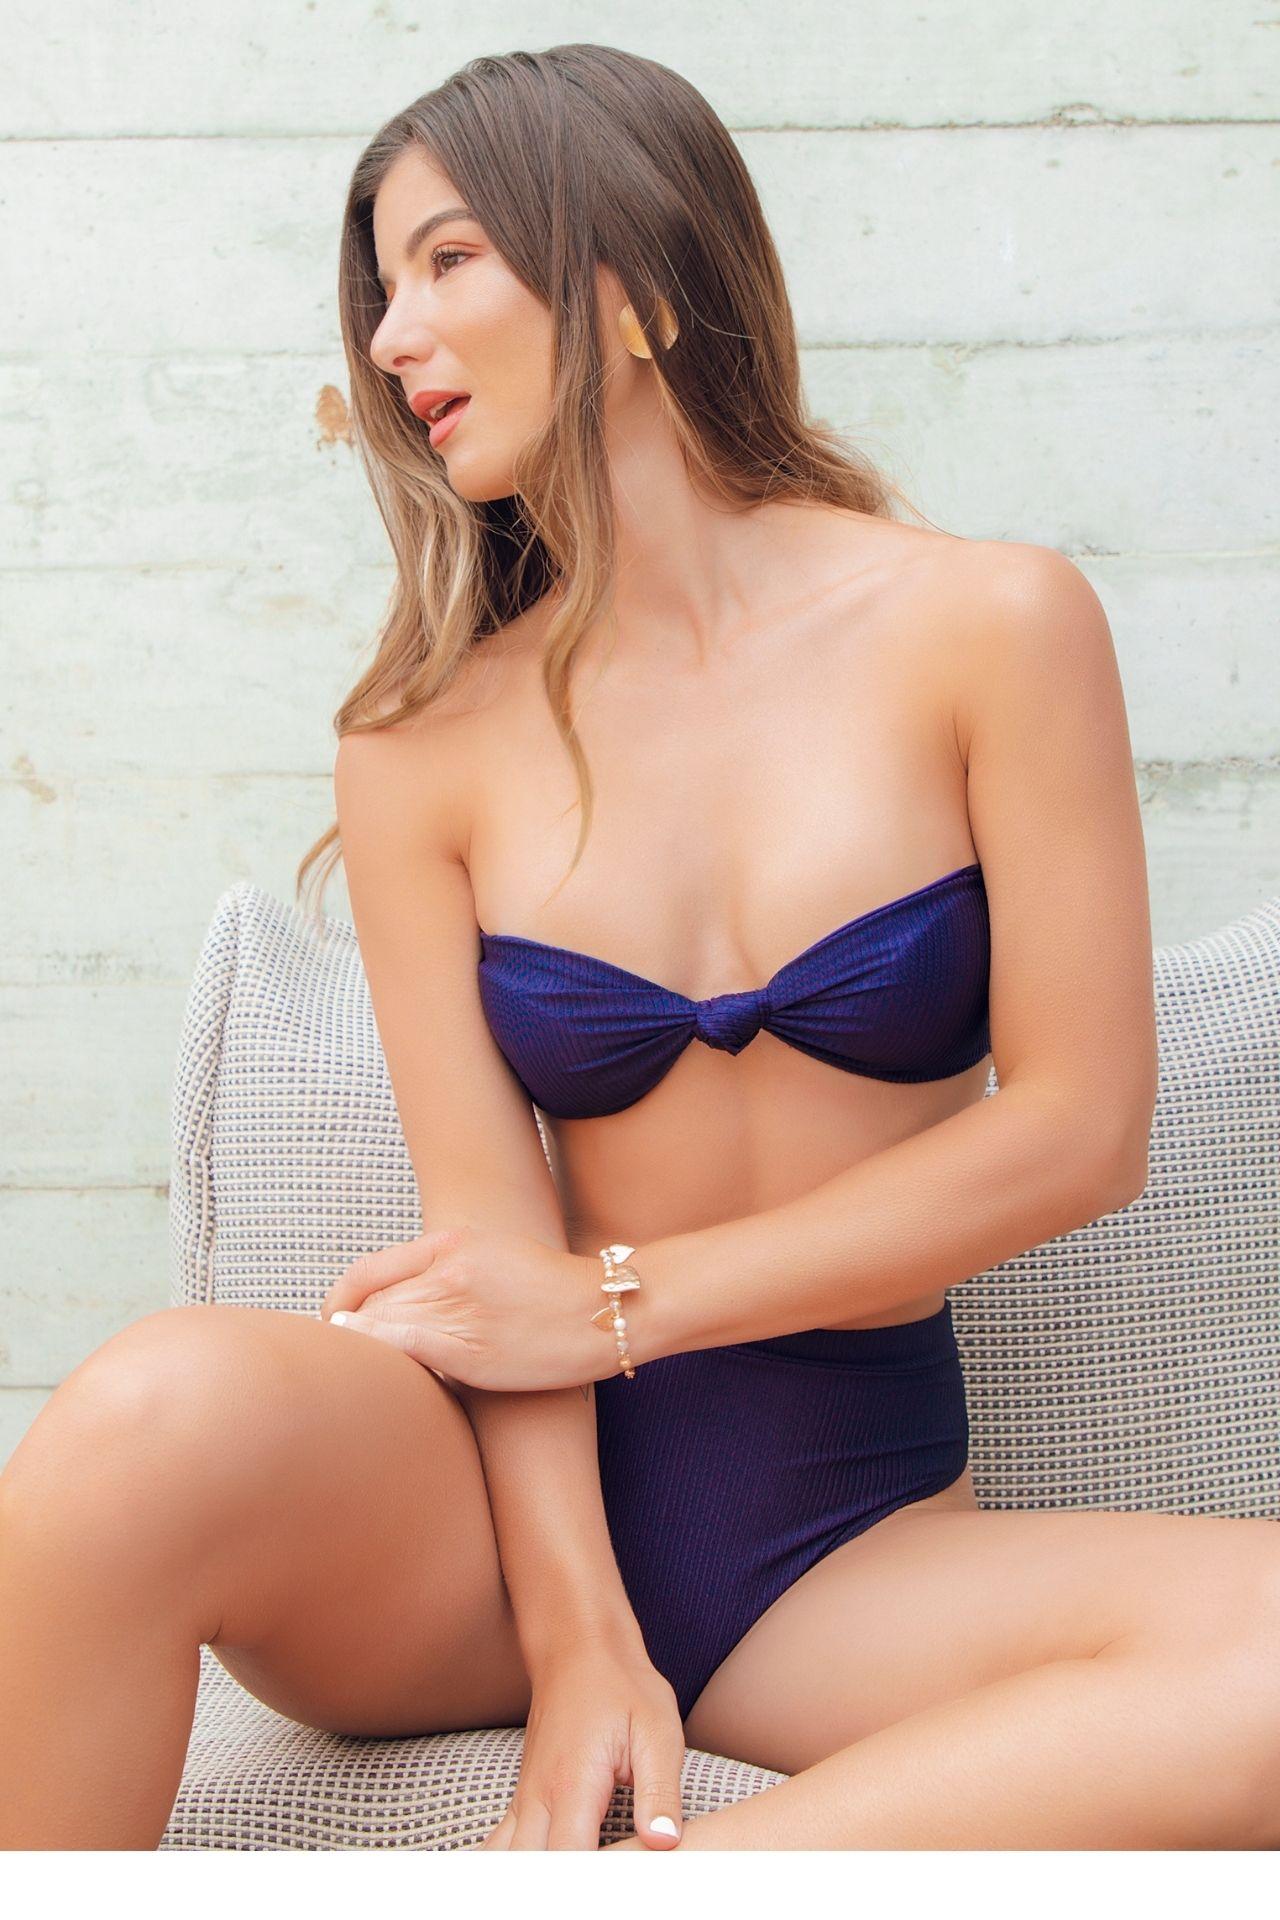 Bikini en tela rib, viene totalmente forrado en tela suave, no transparente. TOP: Lleva nudo en la parte delantera del top, viene con copas suaves y tiras removibles. Amarre ajuste a medida en la parte posterior. BOTTOM: Elegante con cintura alta, lleva recogido en la parte de atrás para levantar cola.  Material: 85% poliamida y 15% elastano.  Medidas:  Busto:  S: Alto de copa: 12 cm ancho de copa: 14 cm Total bajo busto: 103 cm  M: Alto de copa: 13 cm ancho de copa: 15 cm Total bajo busto: 107 cm  L: Alto de copa: 14 cm ancho de copa: 16 cm Total bajo busto: 110cm  Cadera:  S: Ancho de cintura: 29 cm                     M: Ancho de cintura: 31cm  L: Ancho de cintura: 32 cm              Largo:  S: Alto de bottom: 26 cm                M: Alto de bottom: 28 cm    L: Alto de bottom: 29 cm  Viene con tirantes removibles y portabikini de regalo